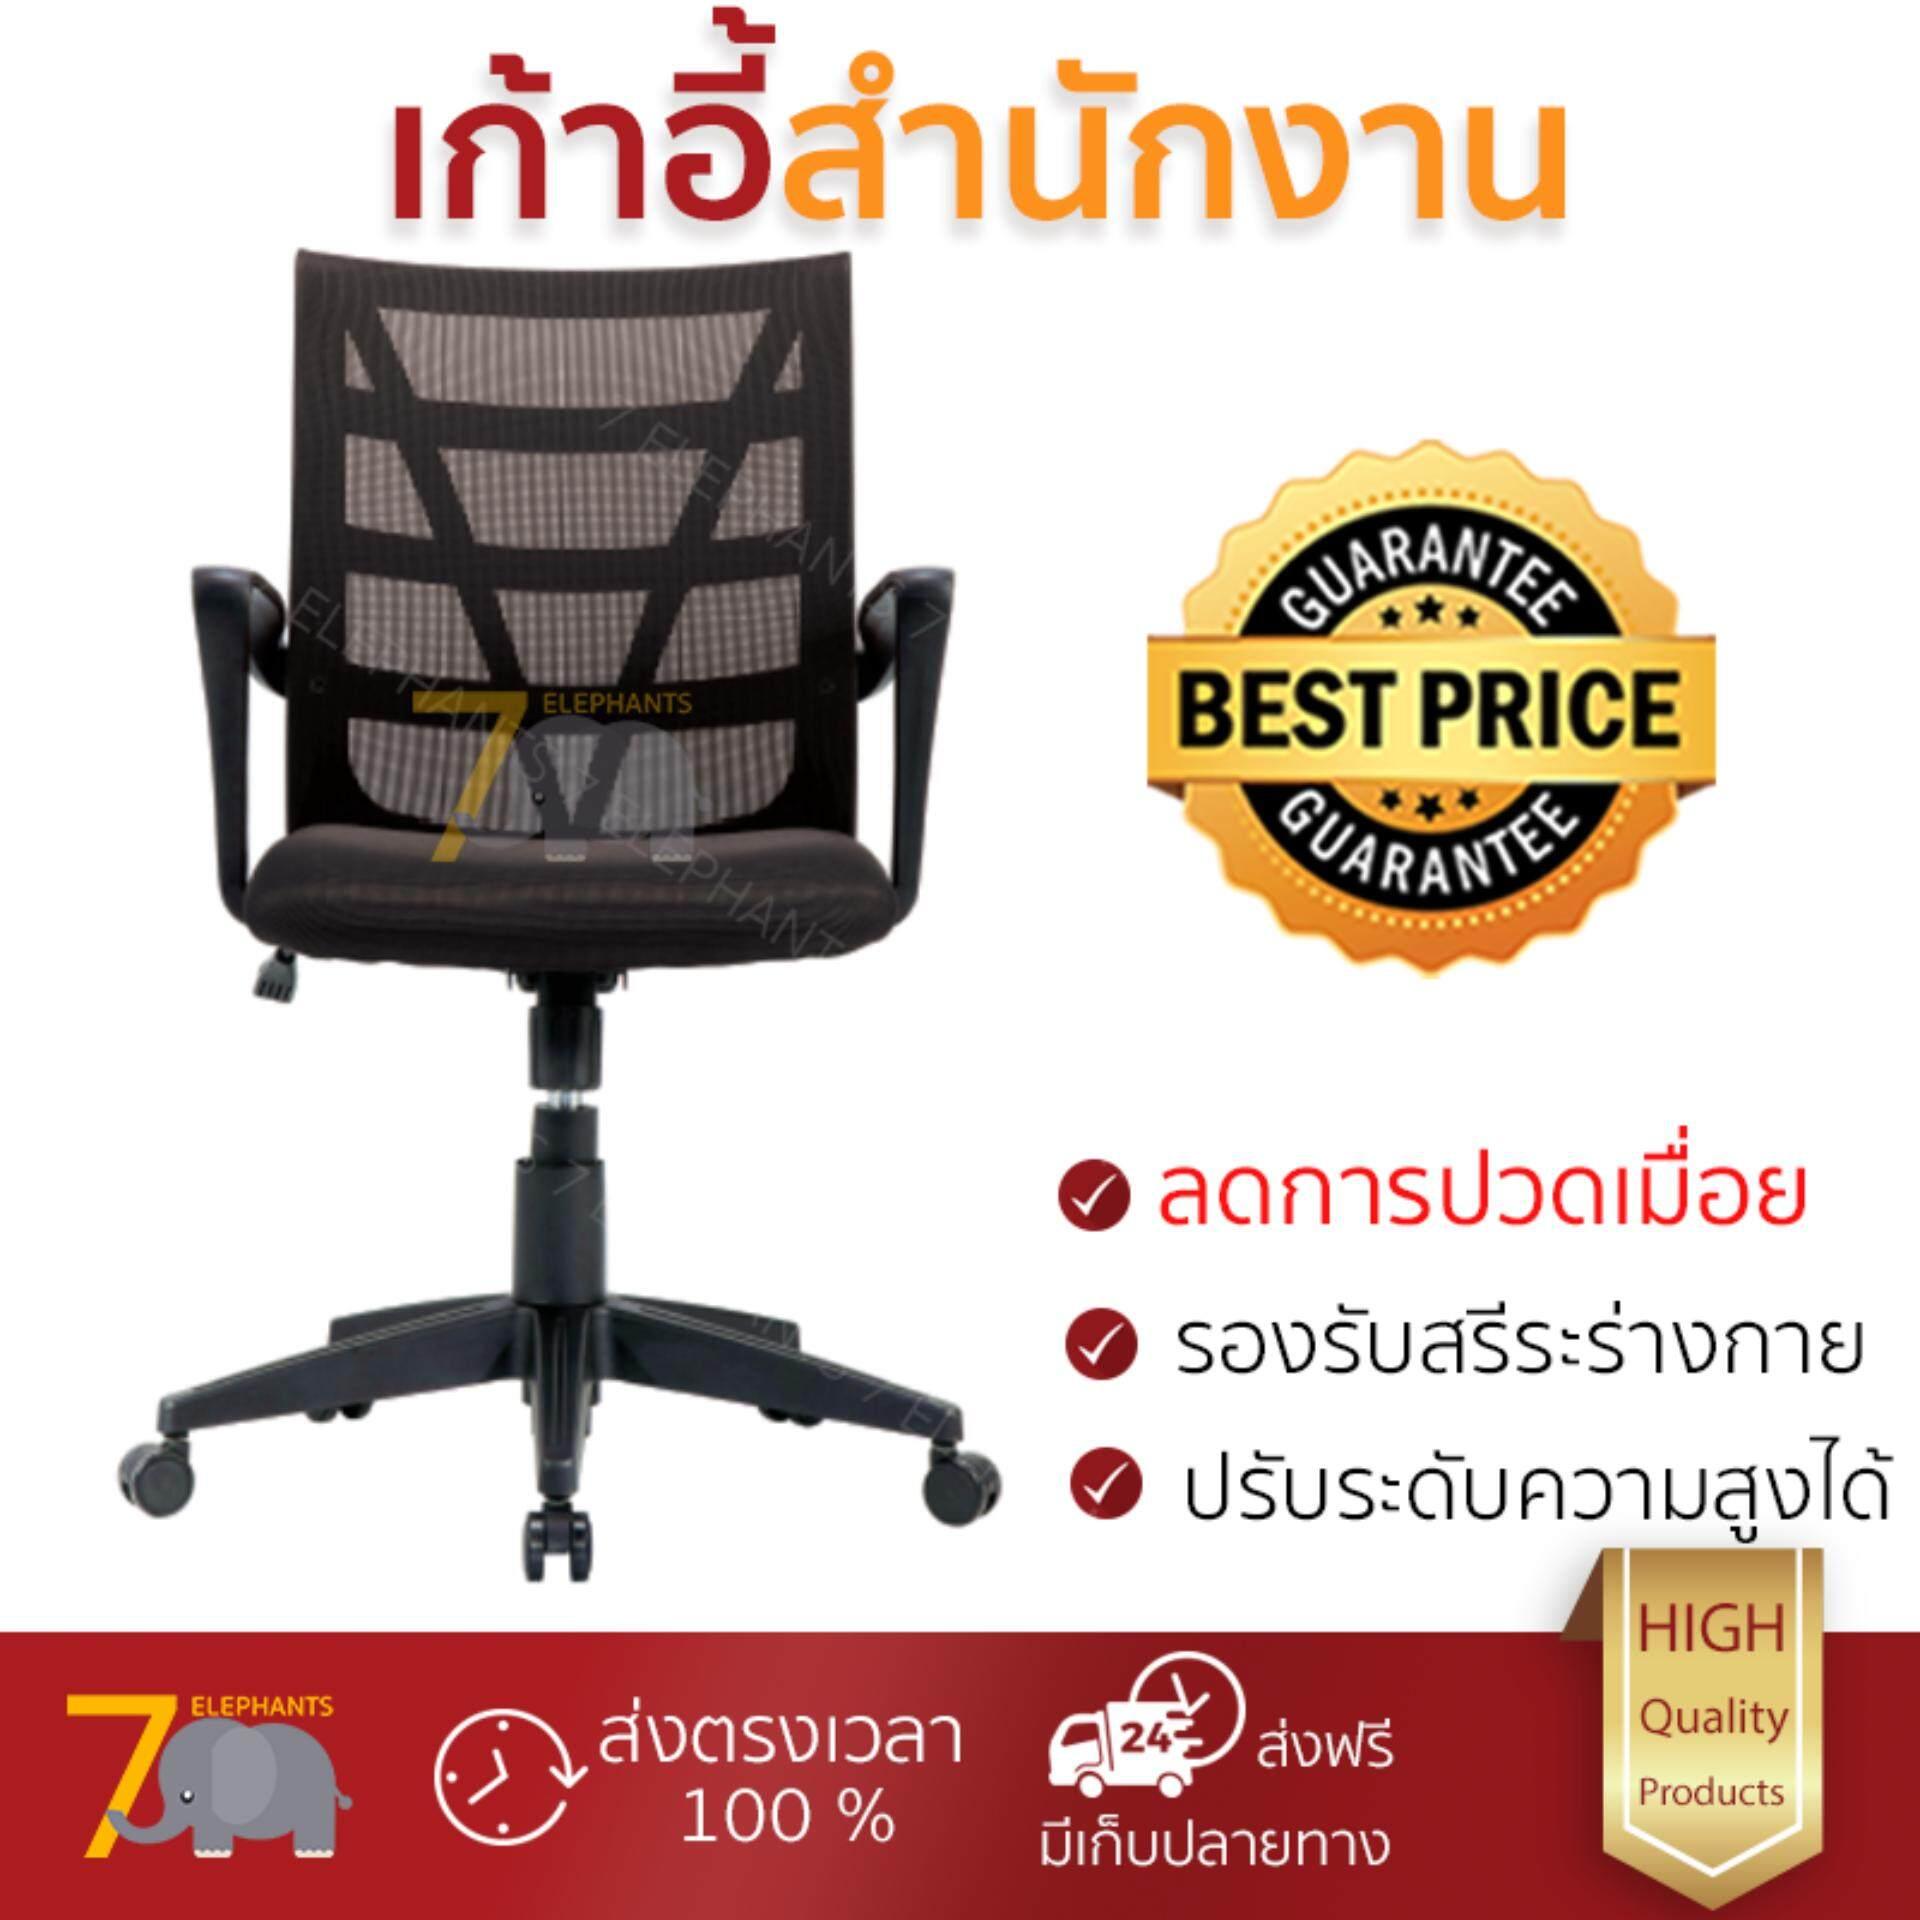 ราคาพิเศษ เก้าอี้ทำงาน เก้าอี้สำนักงาน SMITH เก้าอี้สำนักงานSK290-BK ลดอาการปวดเมื่อยลำคอและไหล่ เบาะนุ่มกำลังดี นั่งสบาย ไม่อึดอัด ปรับระดับความสูงได้ Office Chair จัดส่งฟรี kerry ทั่วประเทศ